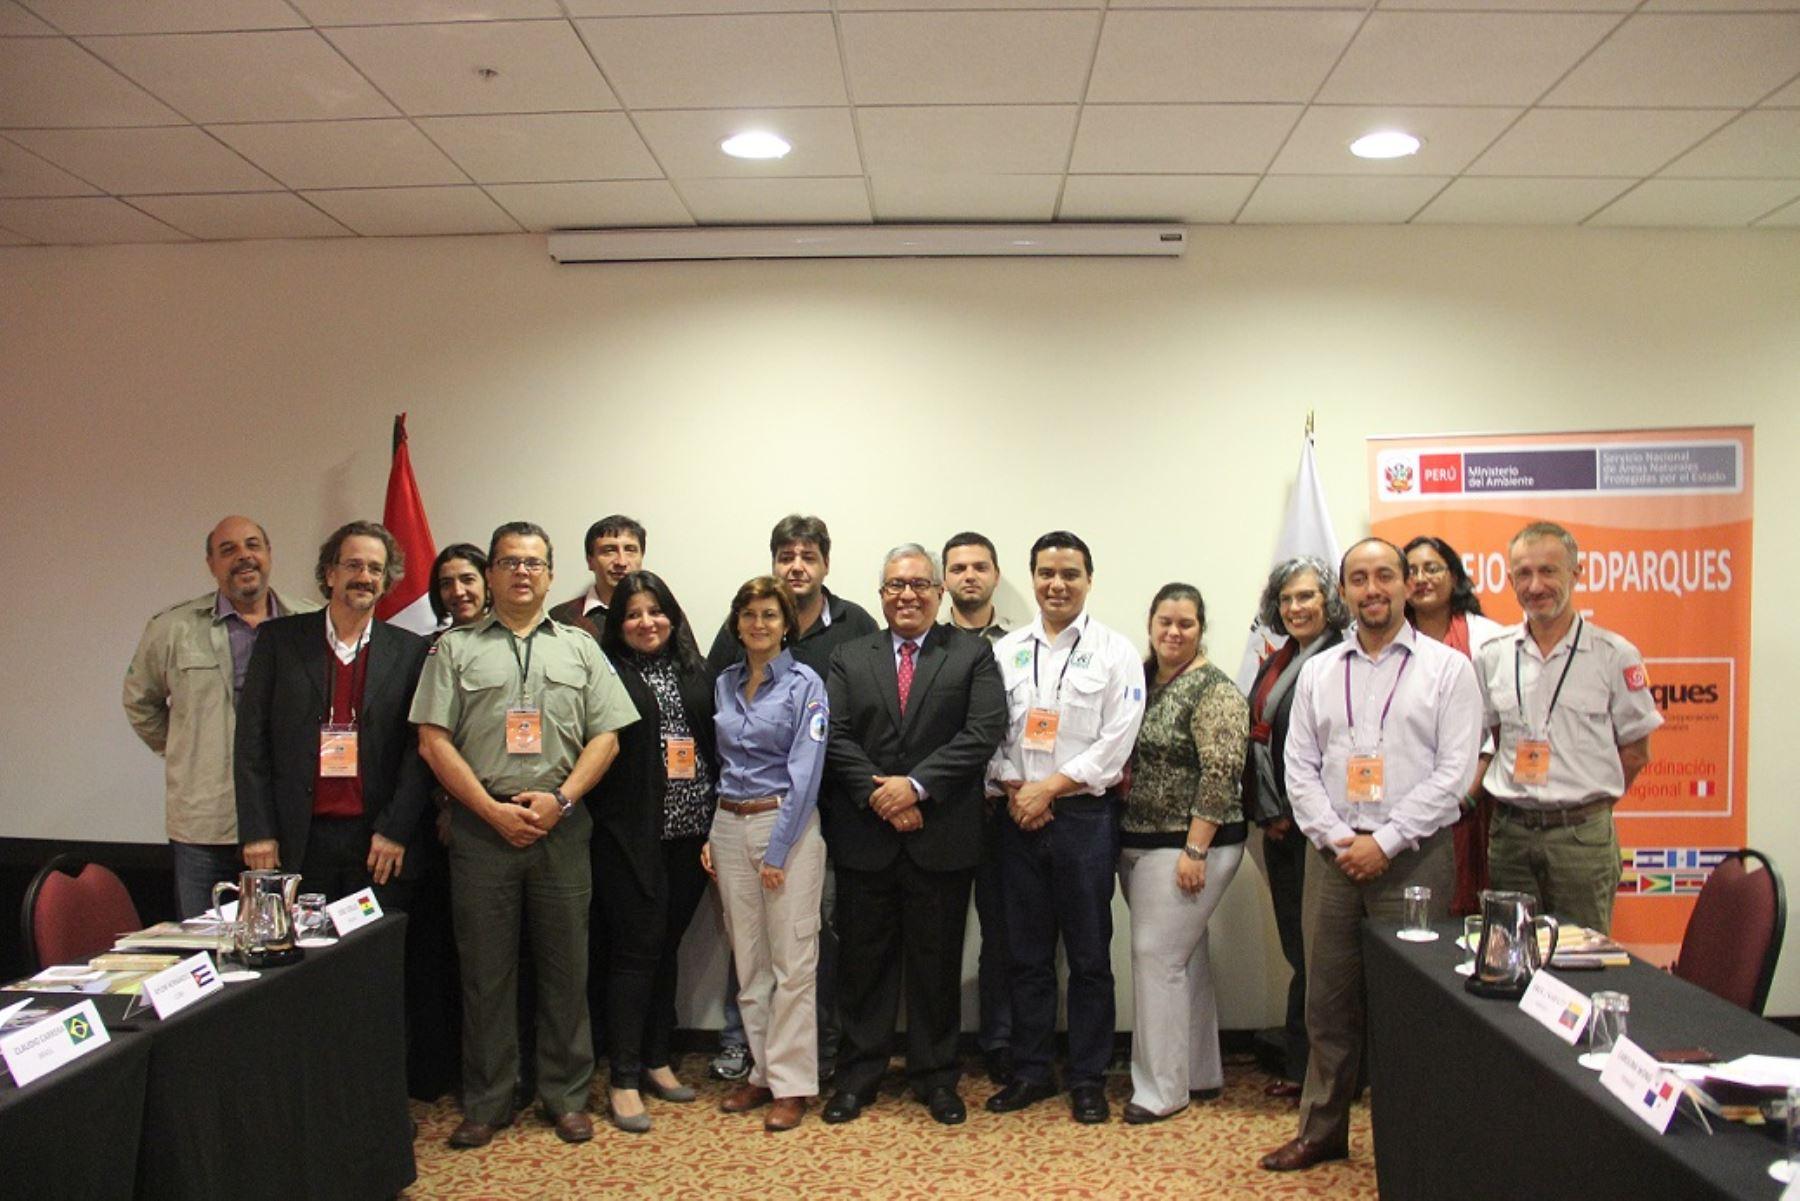 Reunión de Redparques en Lima. Foto: ANDINA/Difusión.